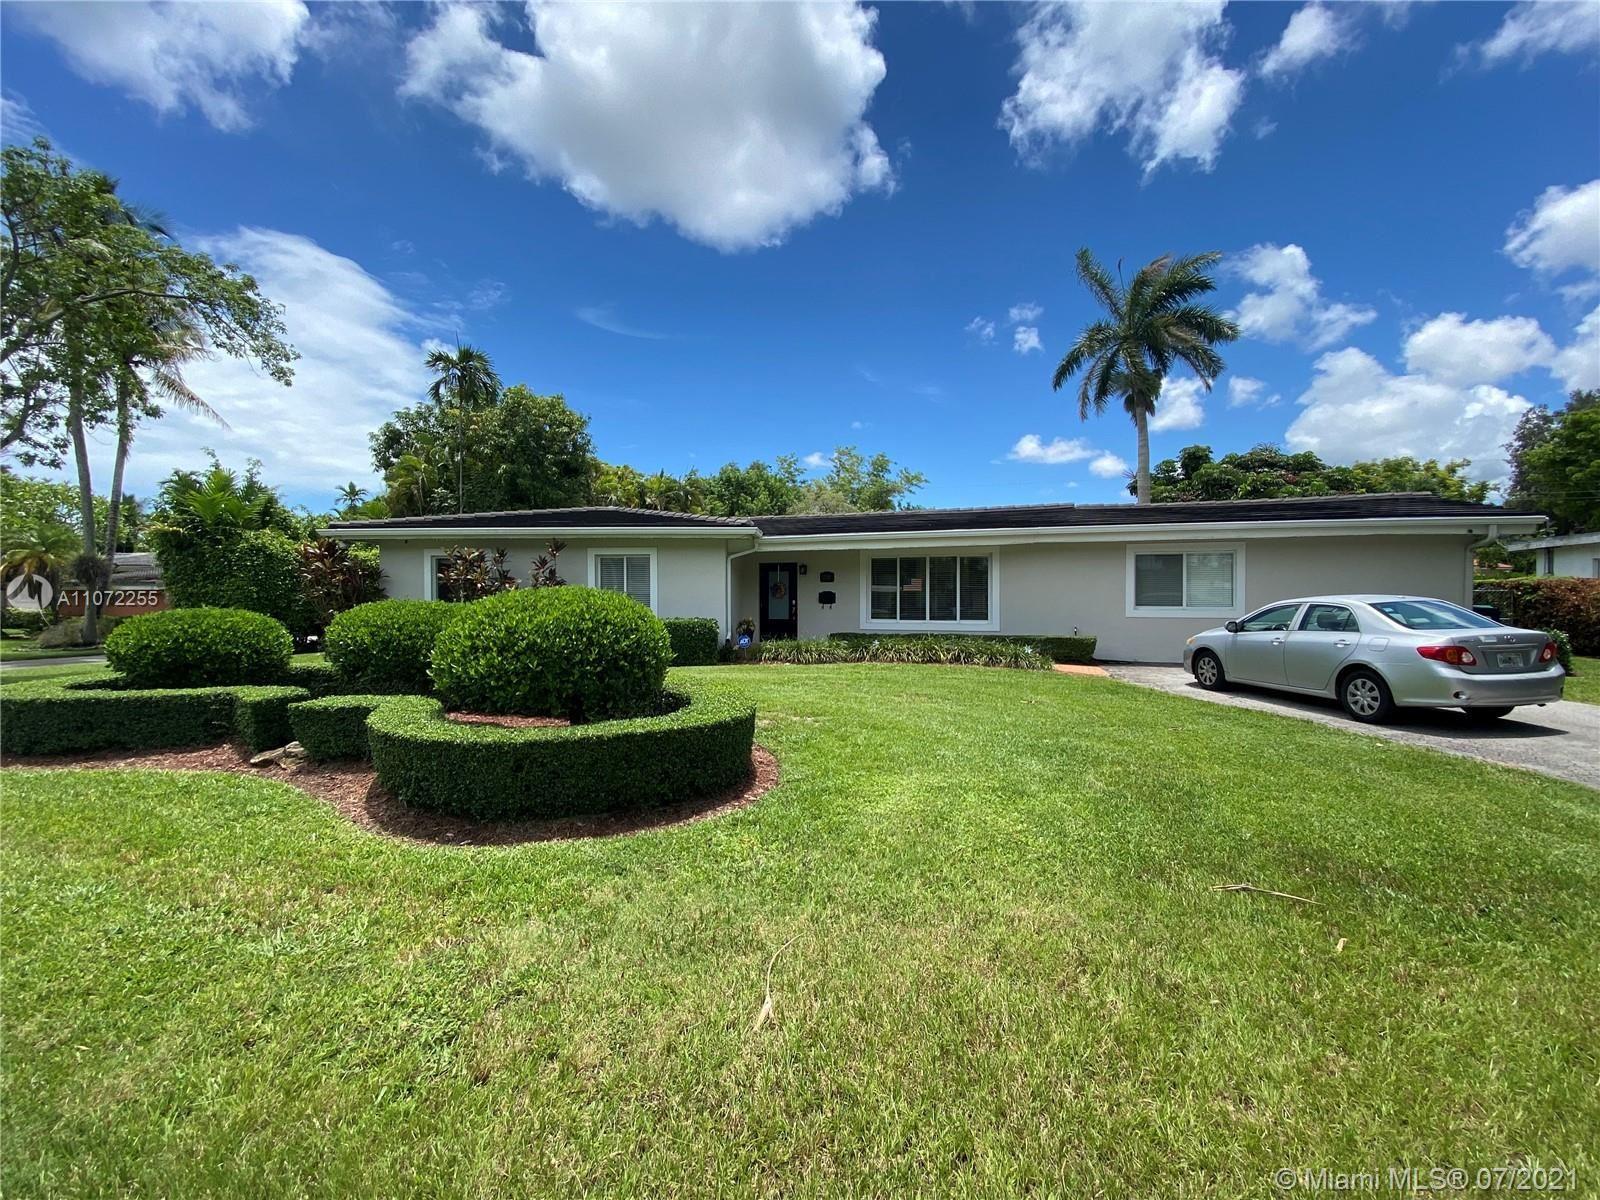 7310 SW 60th St, Miami, FL 33143 - #: A11072255